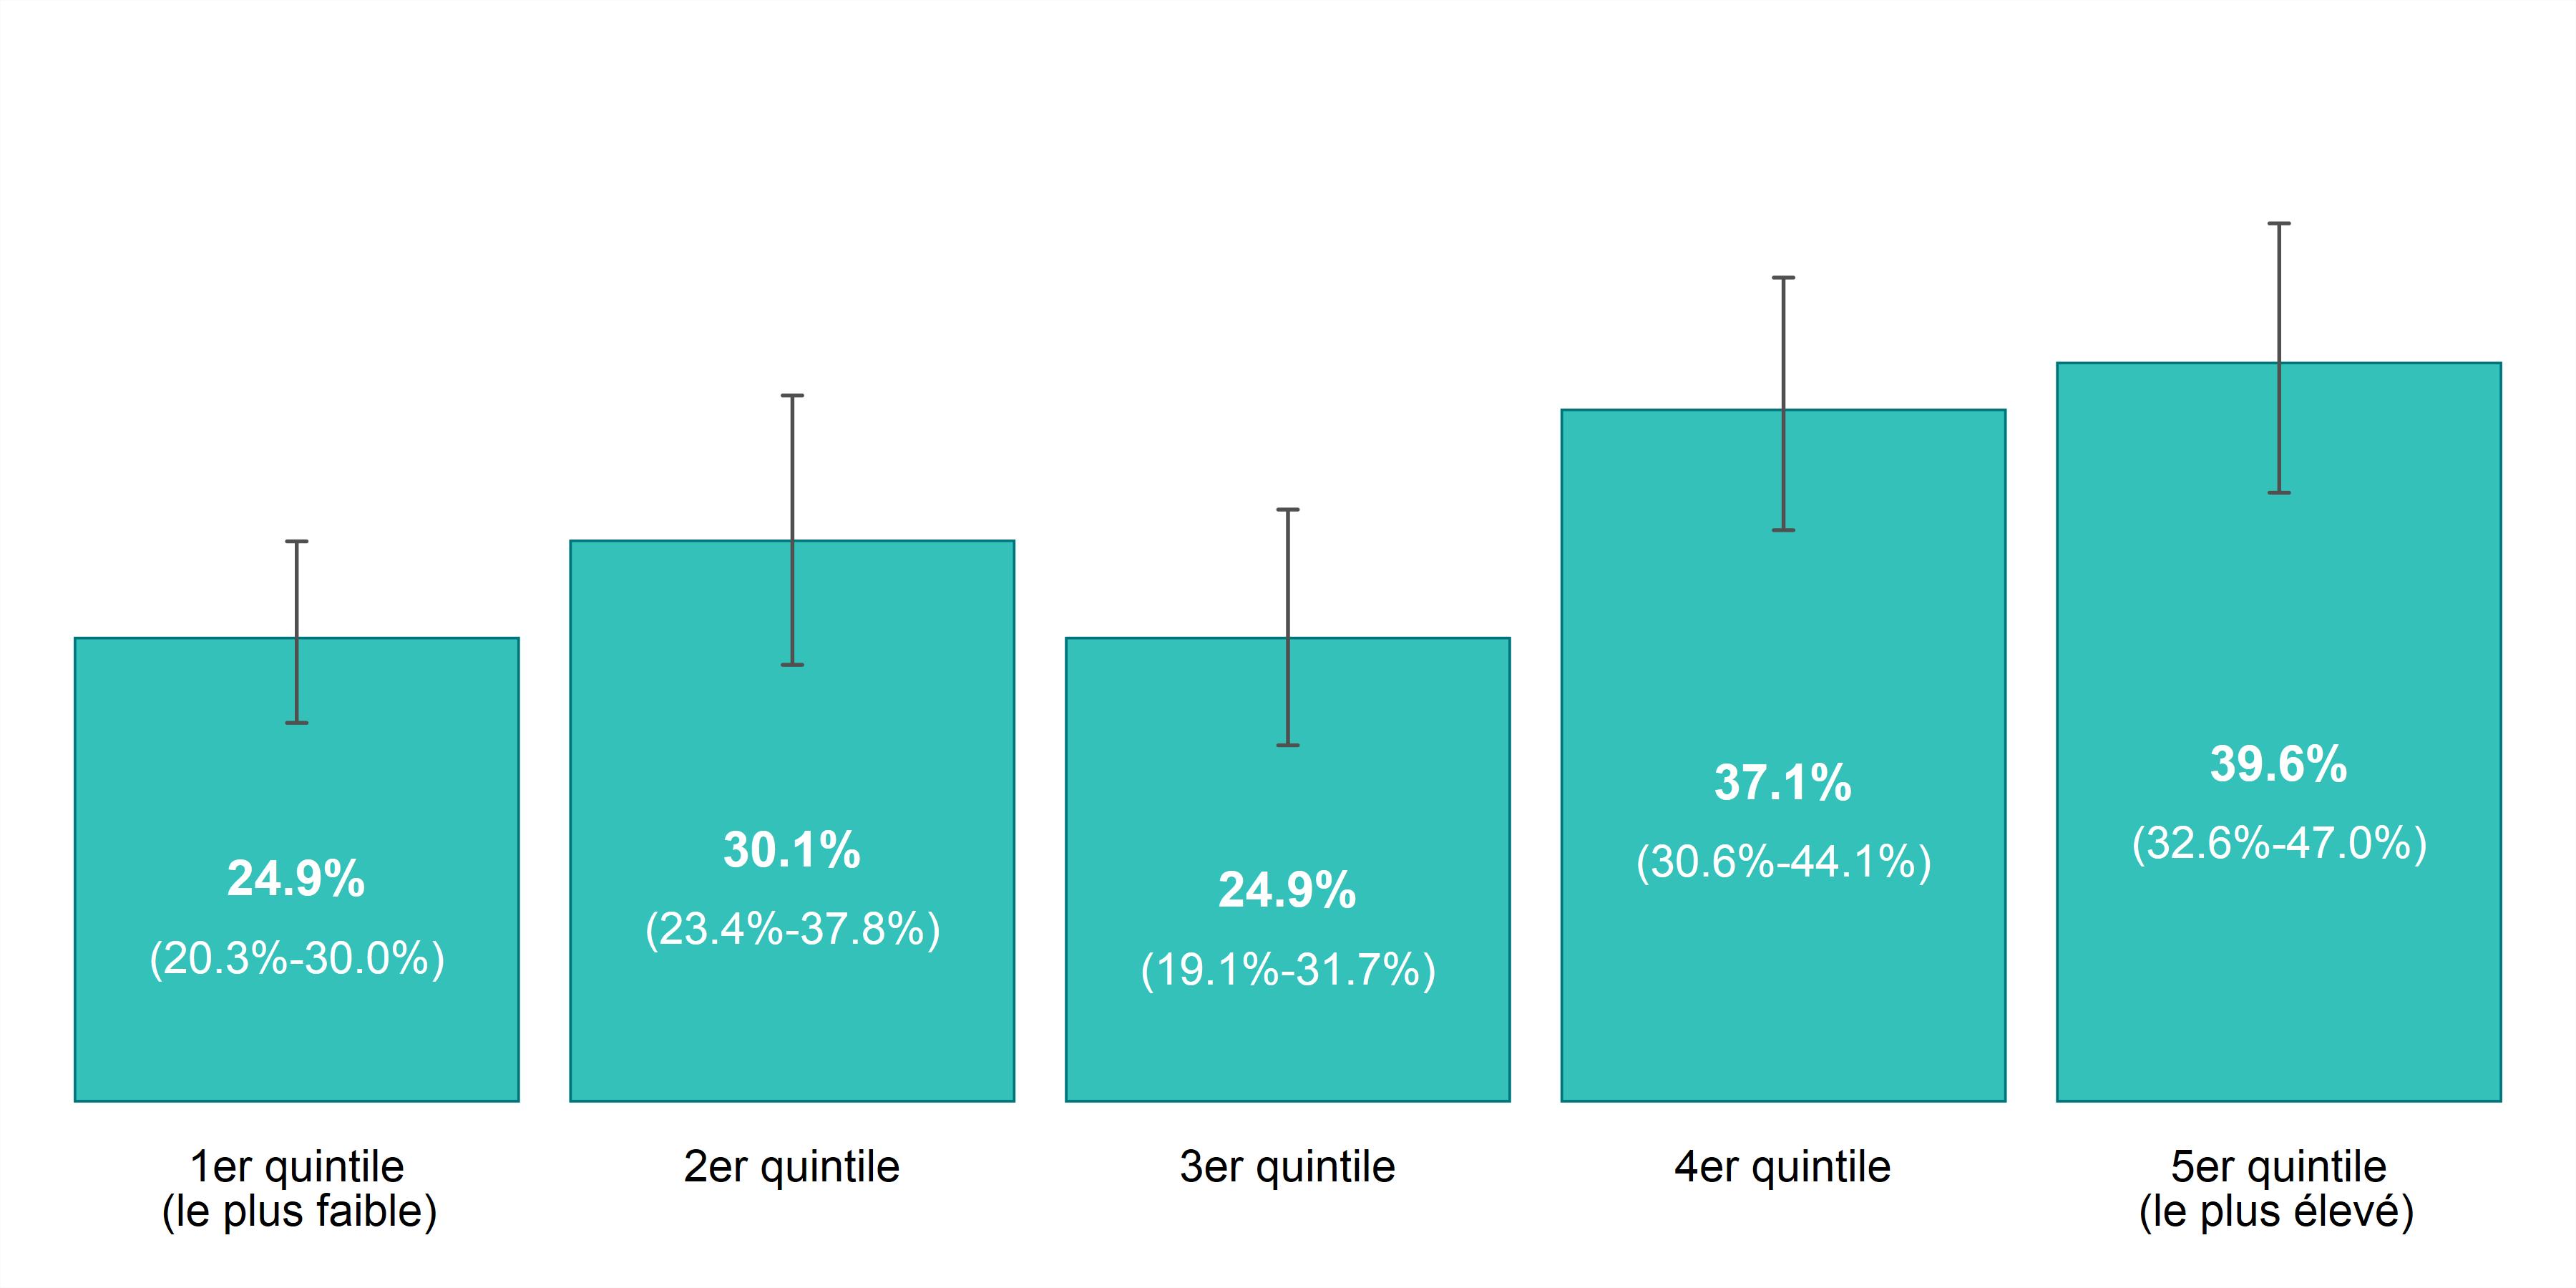 Ce graphique à barres illustre le taux de prévalence pour les personnes actives physiquement, selon l'année et le revenu du ménage, chez les 12 ans ou plus, dans Sudbury et districts, de 2011 à 2014. Les données pour ce graphique se trouvent dans le tableau ci-dessous.